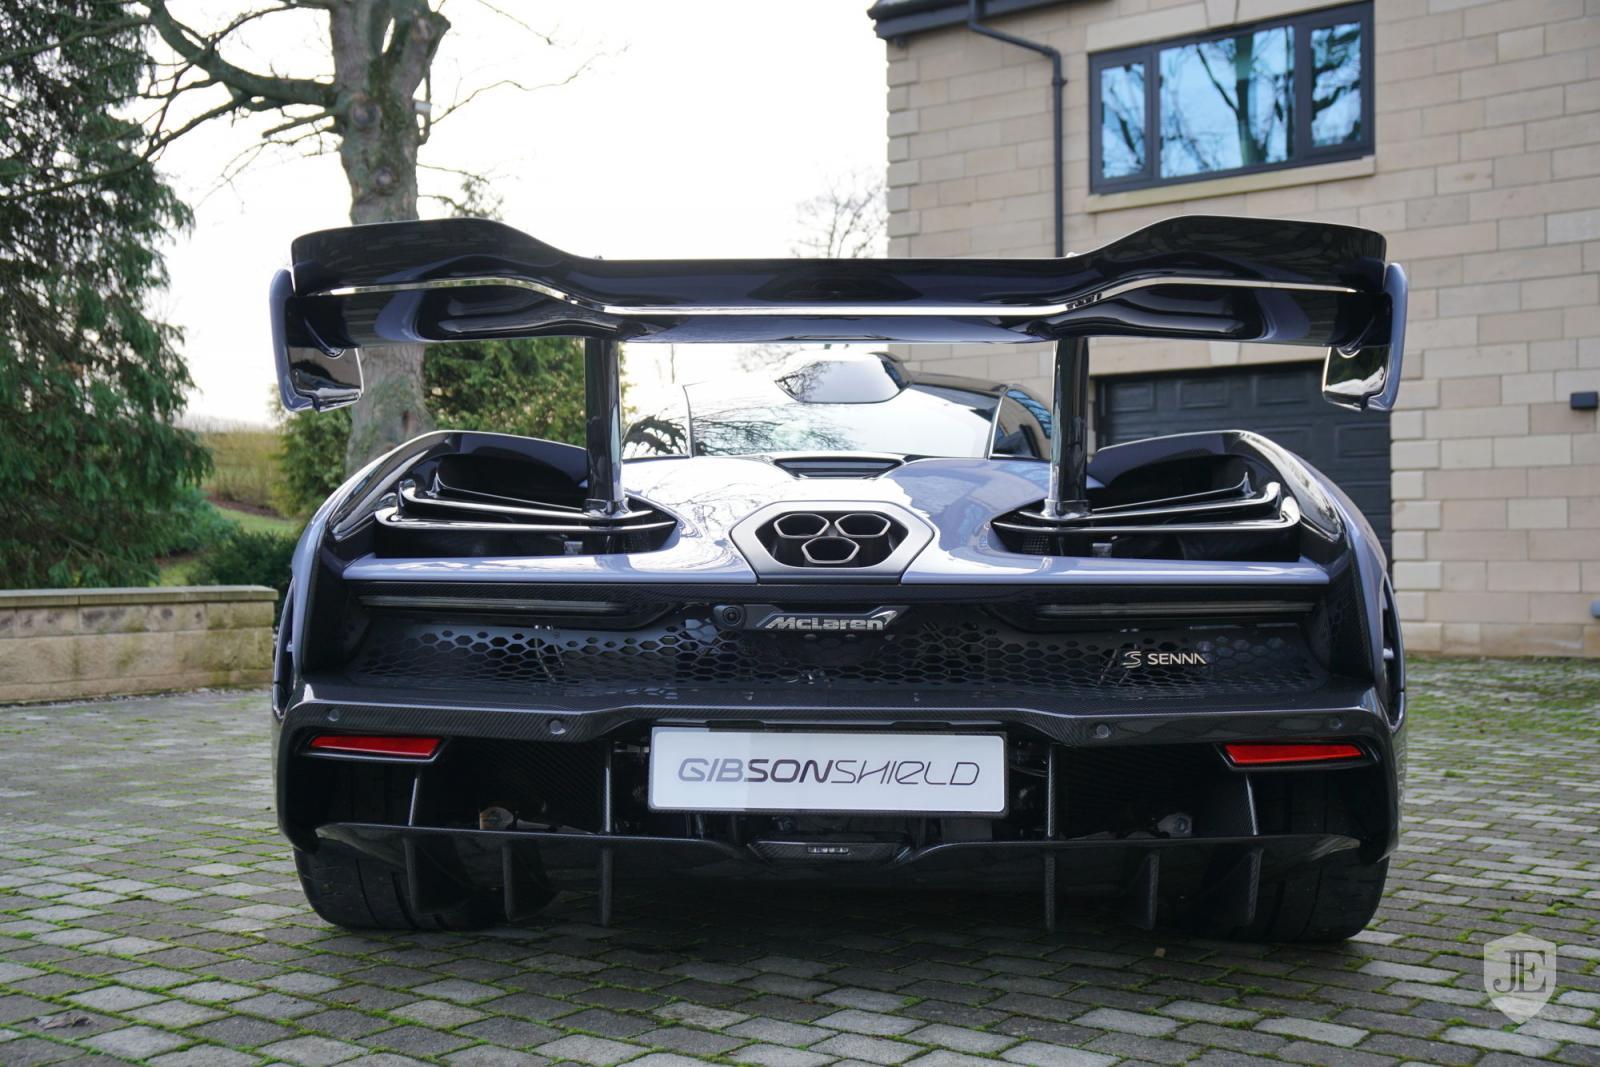 Sale a la venta un McLaren Senna con solo 22 kilómetros recorridos